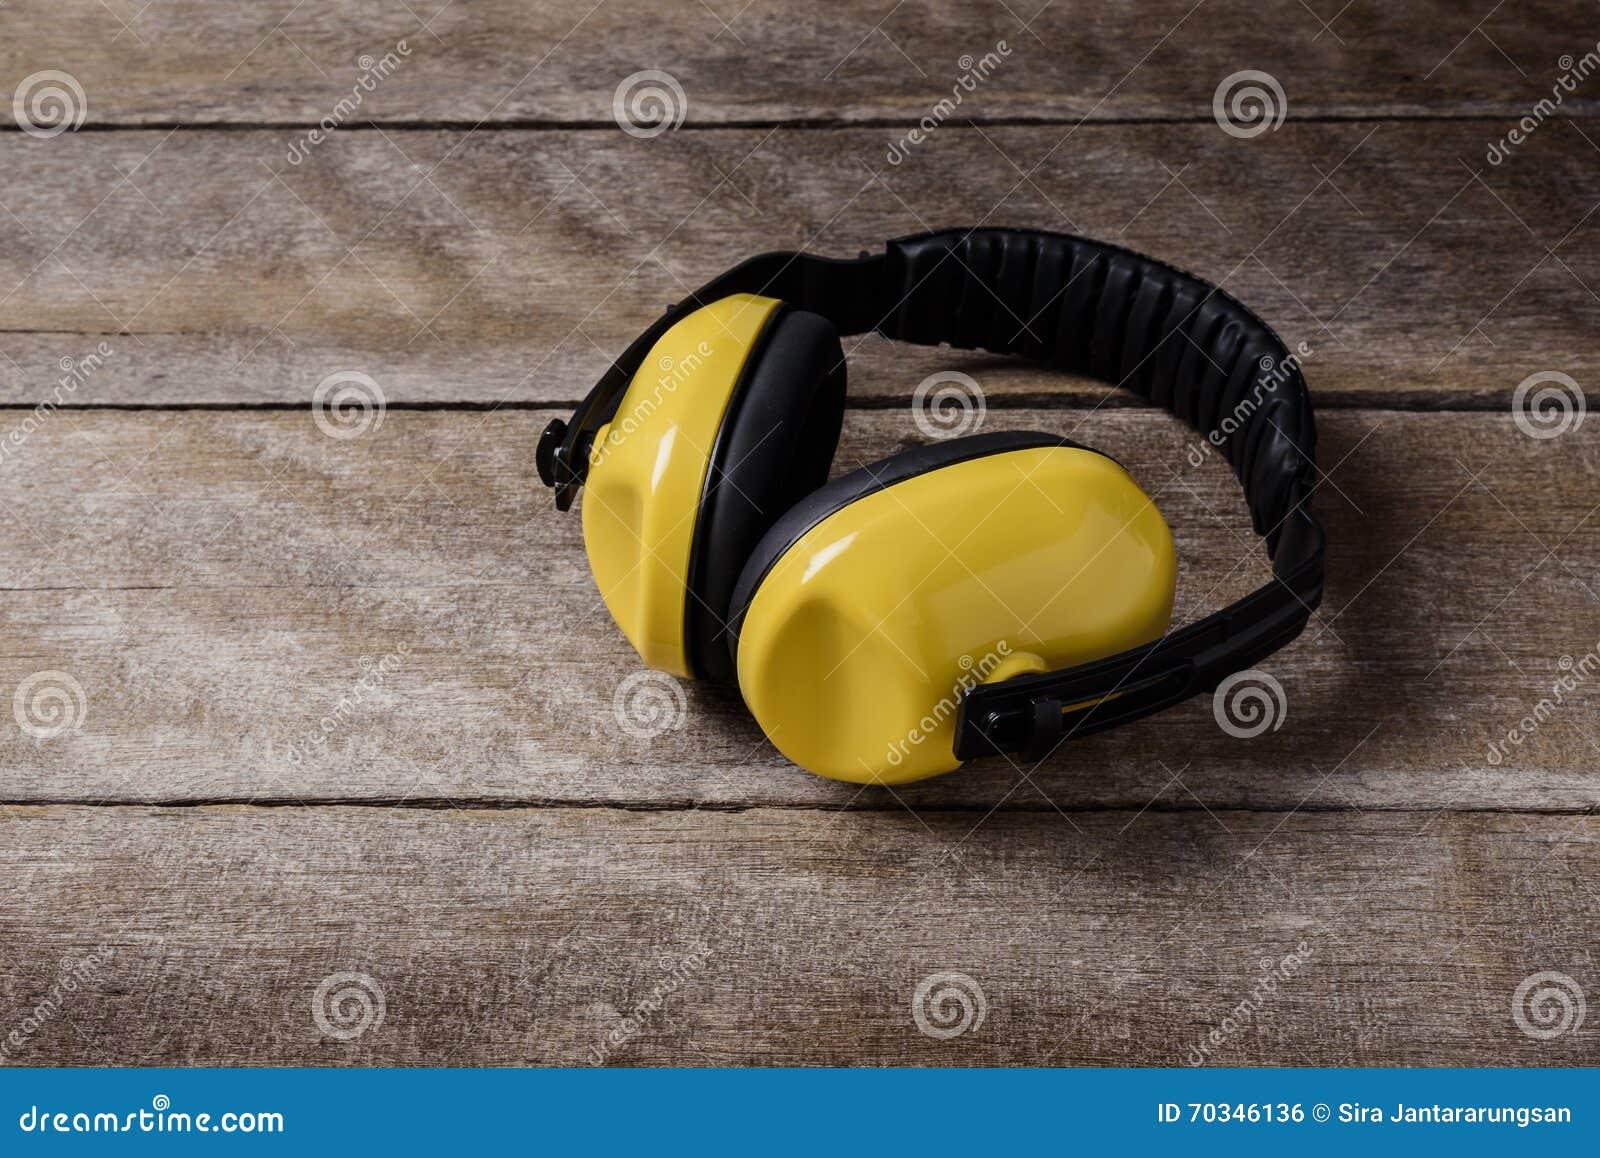 download Die Staubbeseitigung und Geräuschbekämpfung in